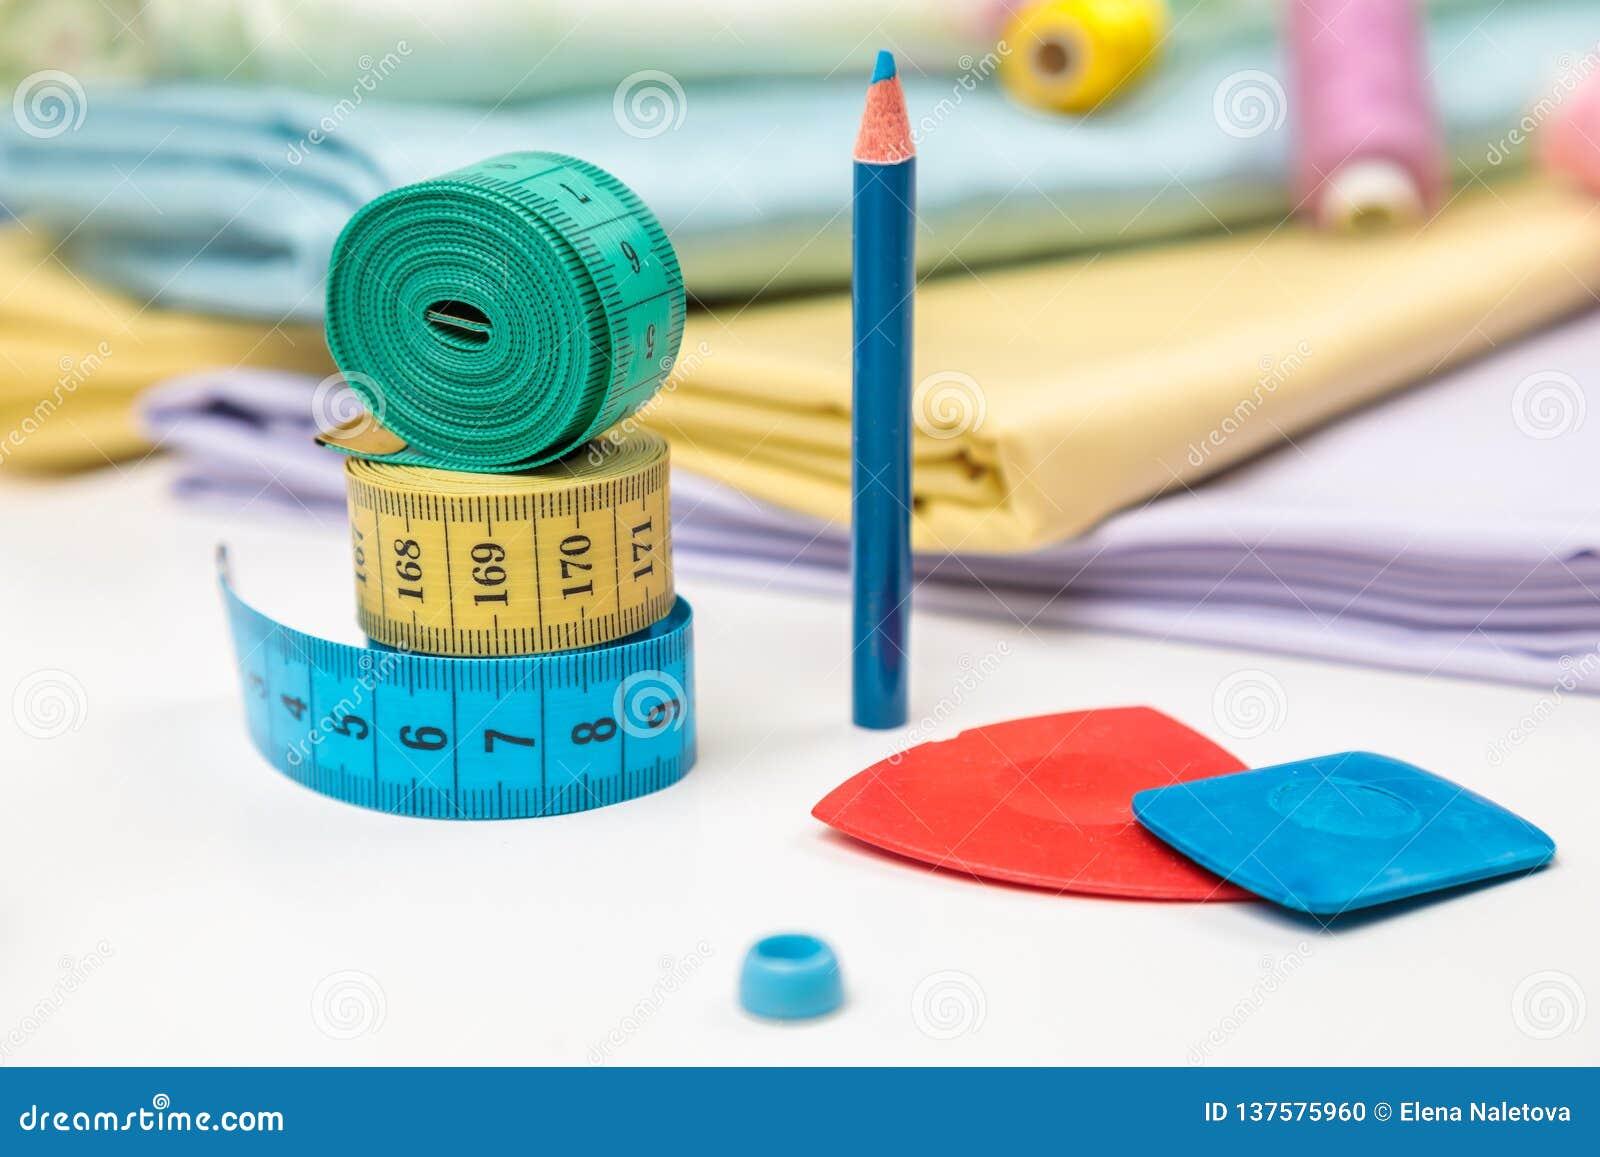 Objetos para costurar a faculdade criadora